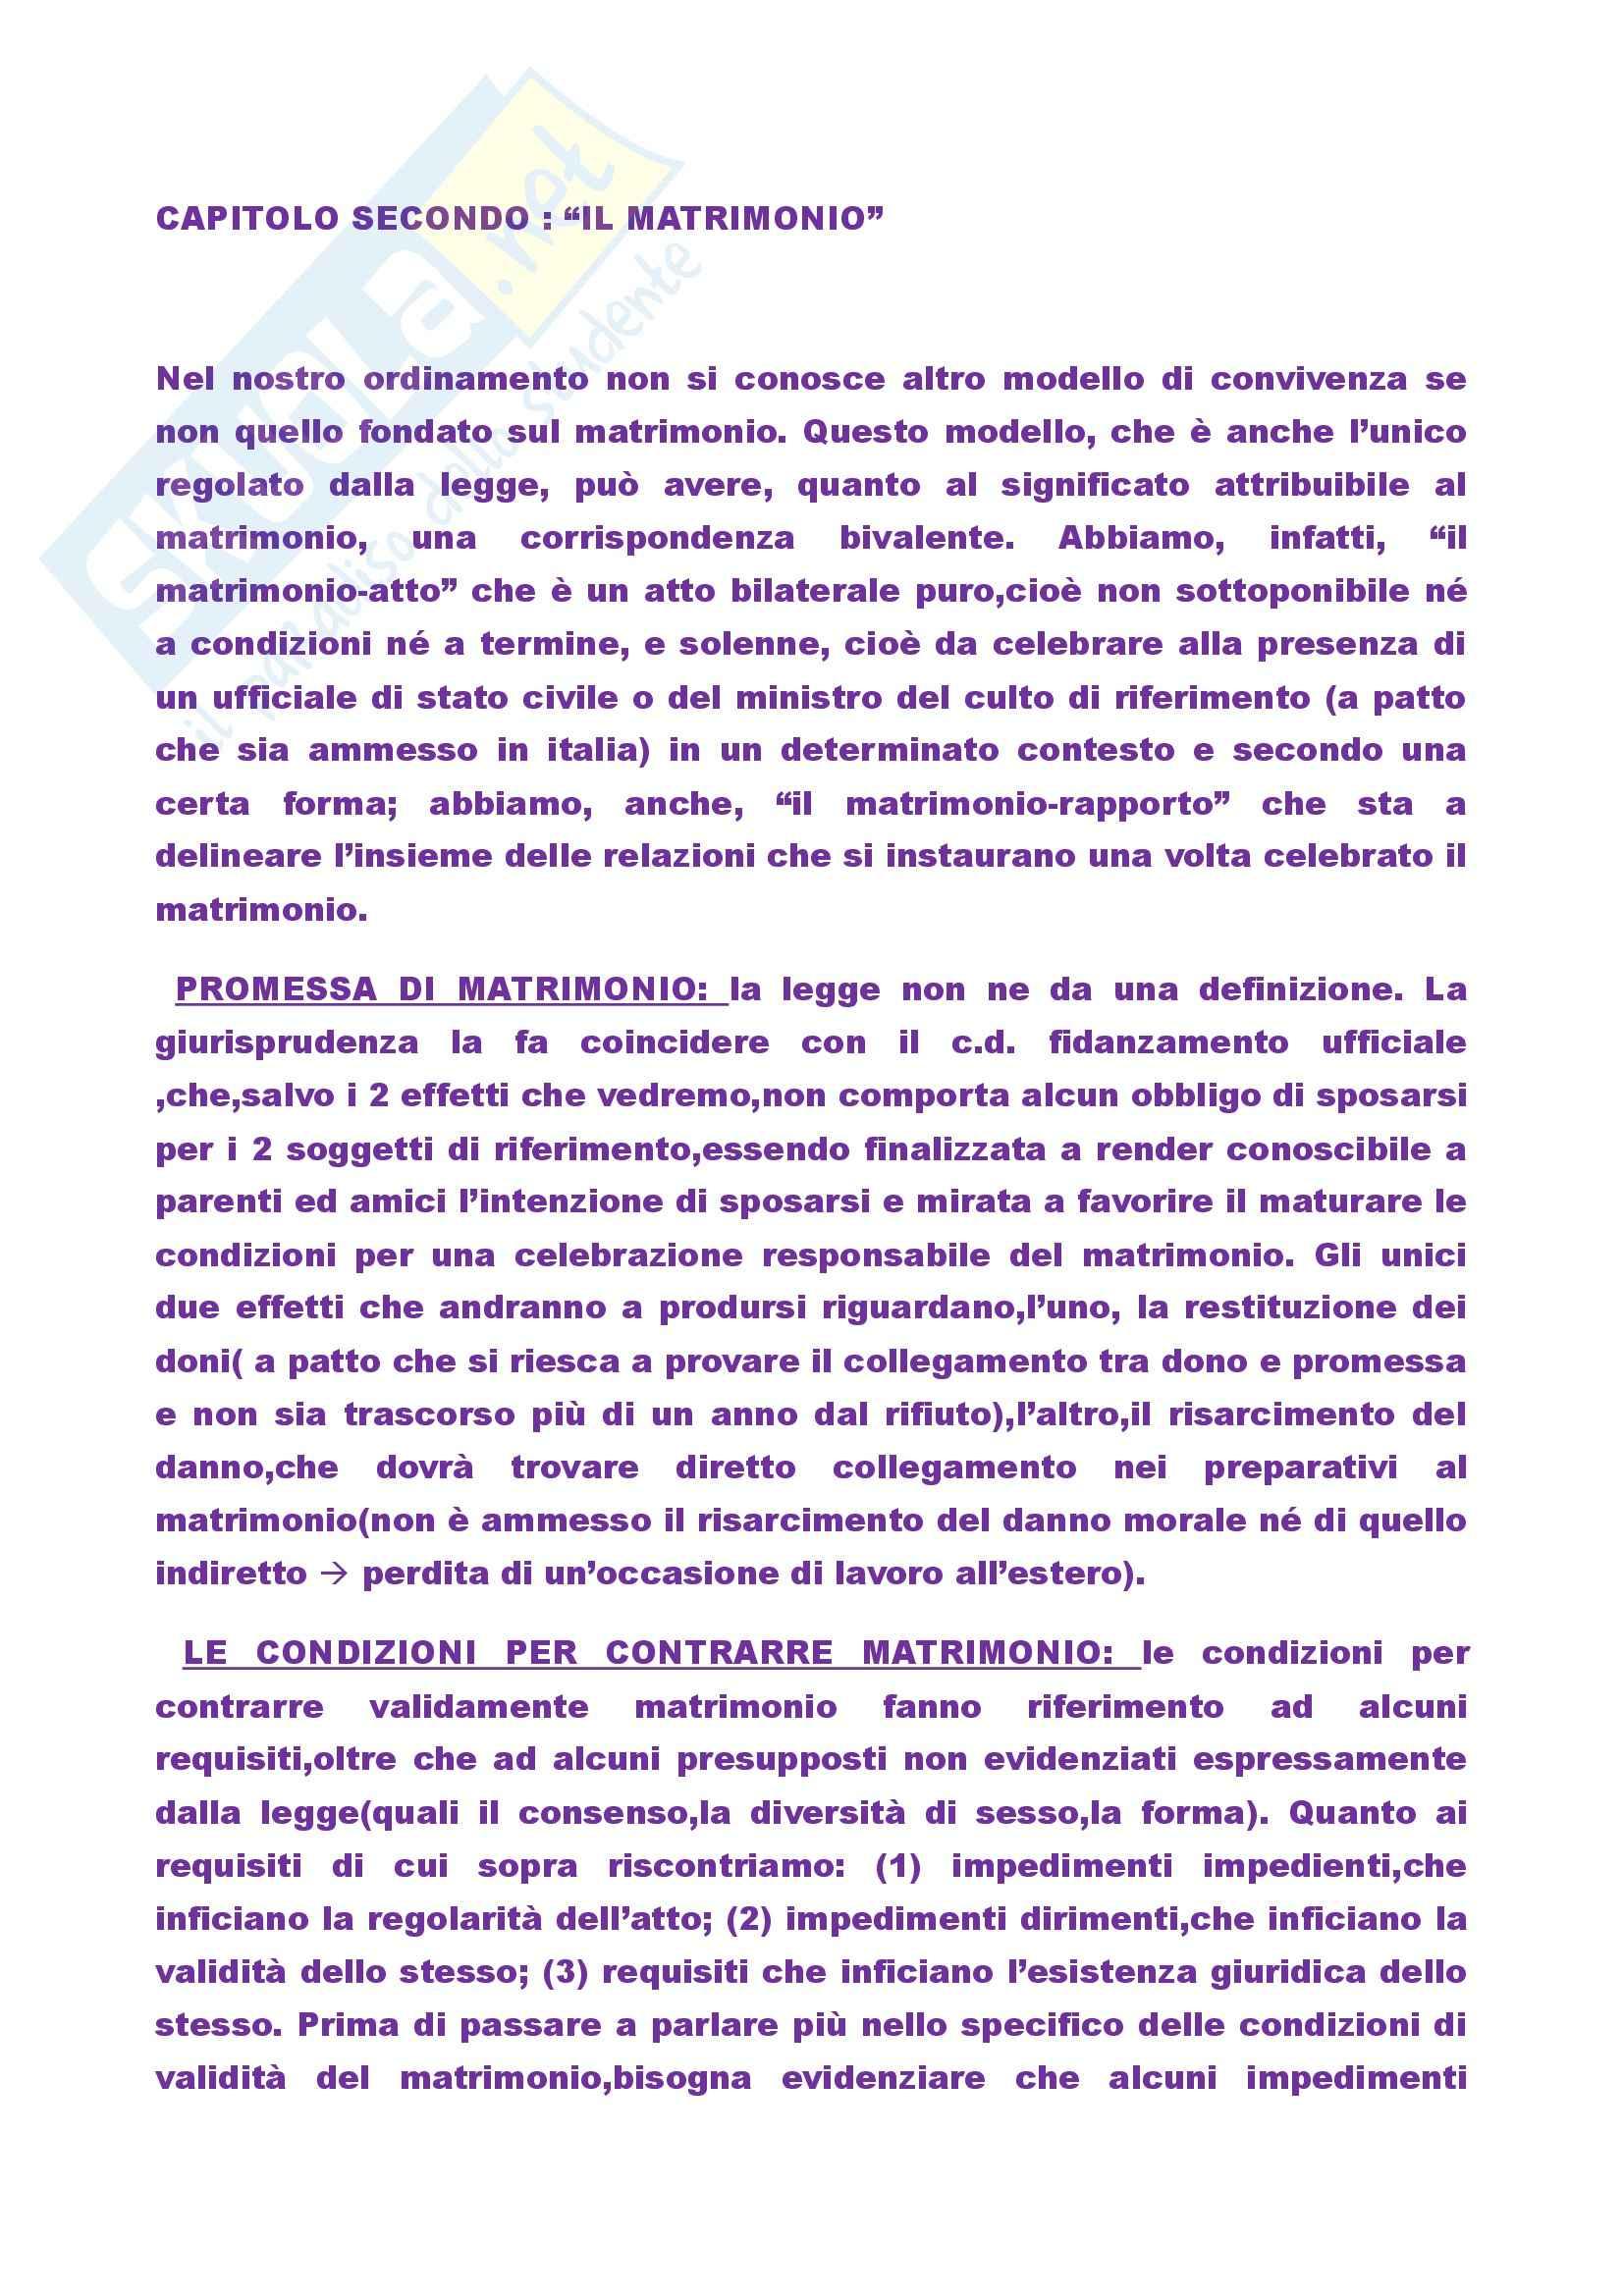 Riassunto esame Diritto di Famiglia, prof. Sesta, libro consigliato Manuale di diritto di famiglia